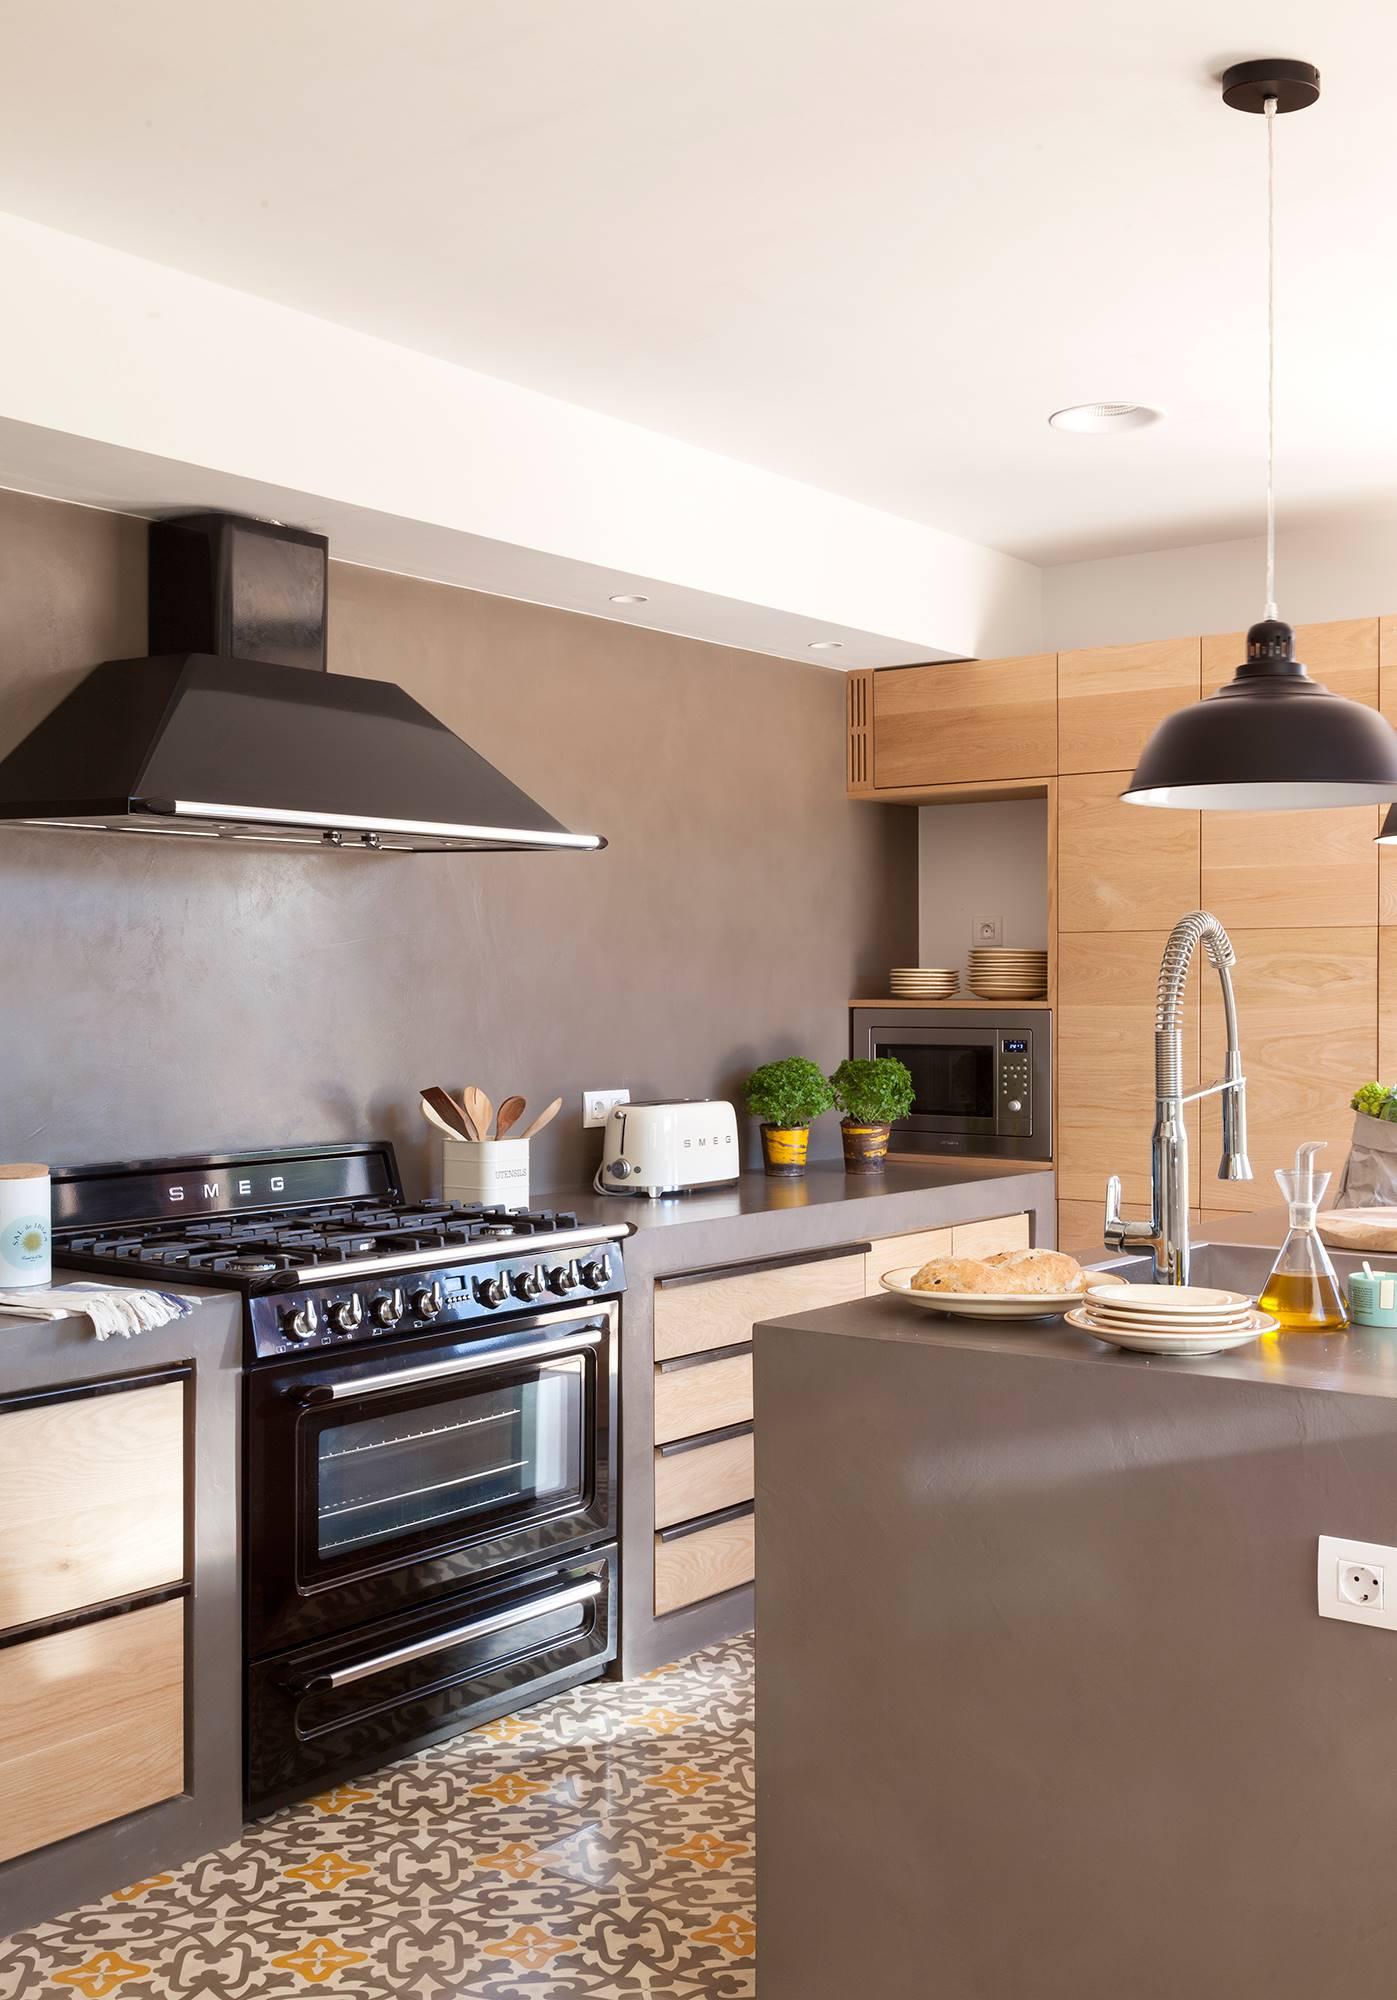 Cocinas modernas para inspirarte y coger ideas para copiar for Fotos de cocinas integrales